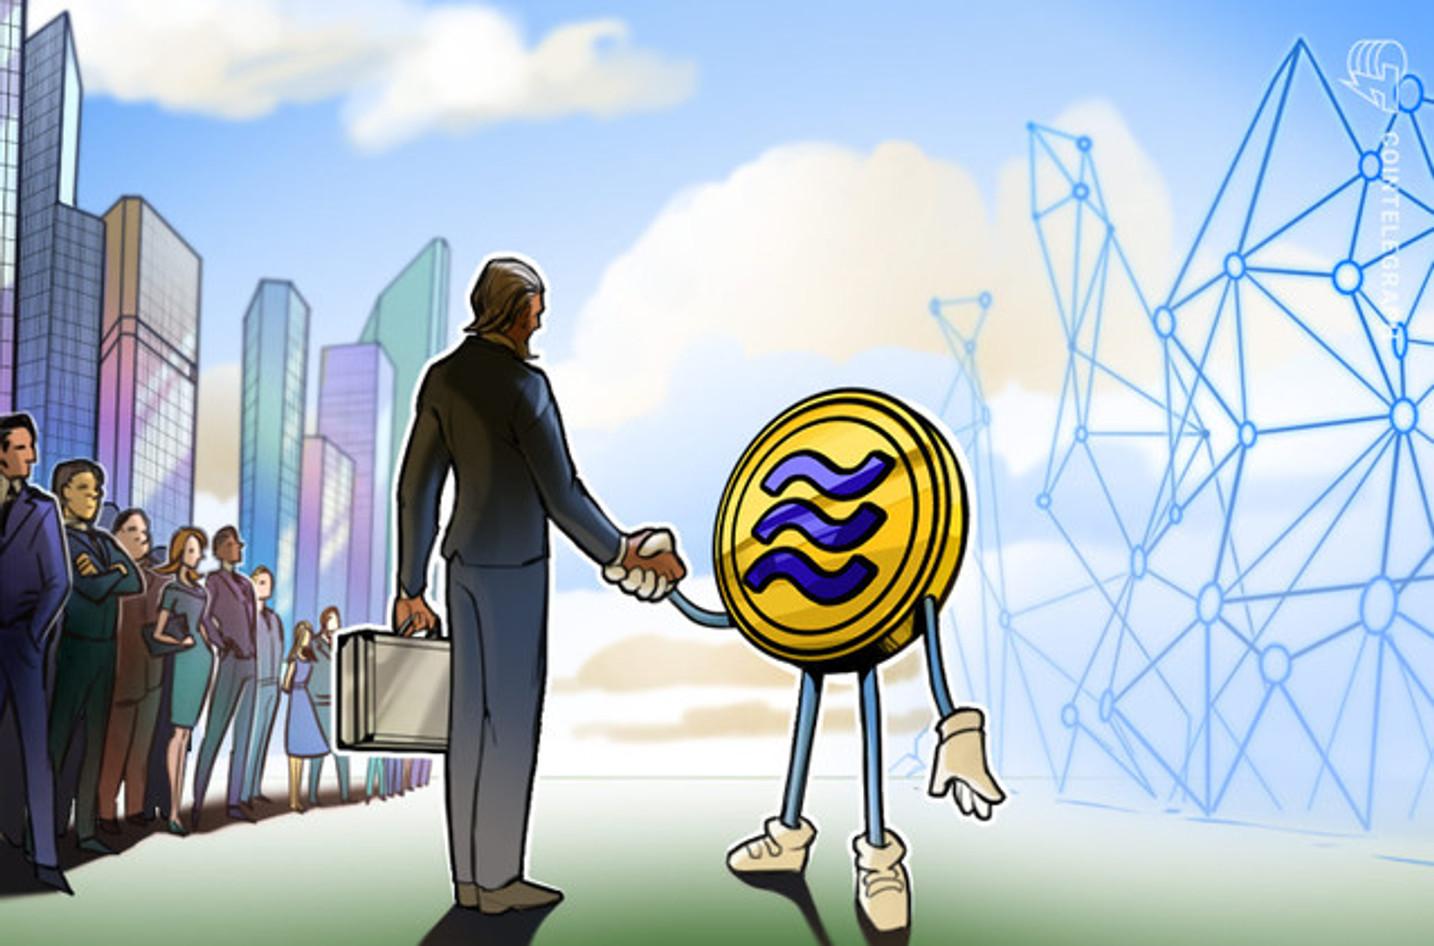 México y los bancos centrales del mundo se muestran interesados en las stablecoins